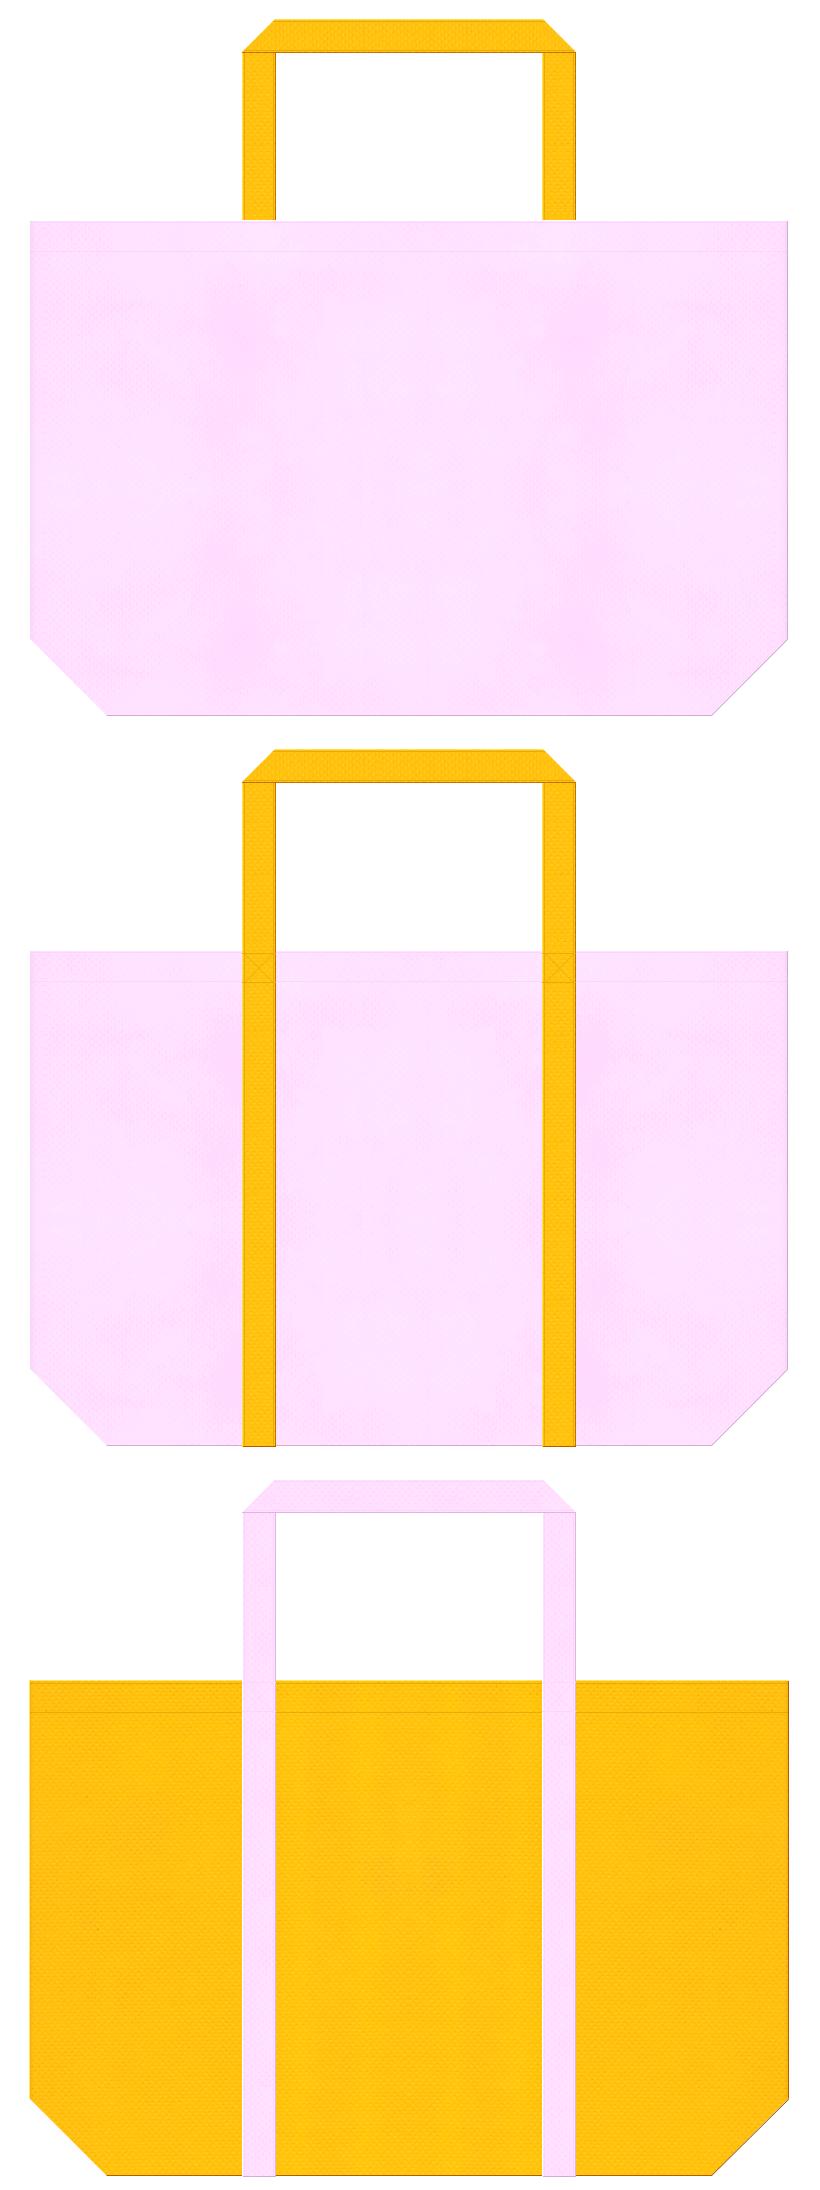 絵本・おとぎ話・月・星・エンジェル・ピエロ・プリンセス・おもちゃの兵隊・楽団・テーマパーク・菜の花・ひよこ・保育・通園バッグ・キッズイベント・ガーリーデザインにお奨めの不織布バッグデザイン:明るいピンク色と黄色のコーデ